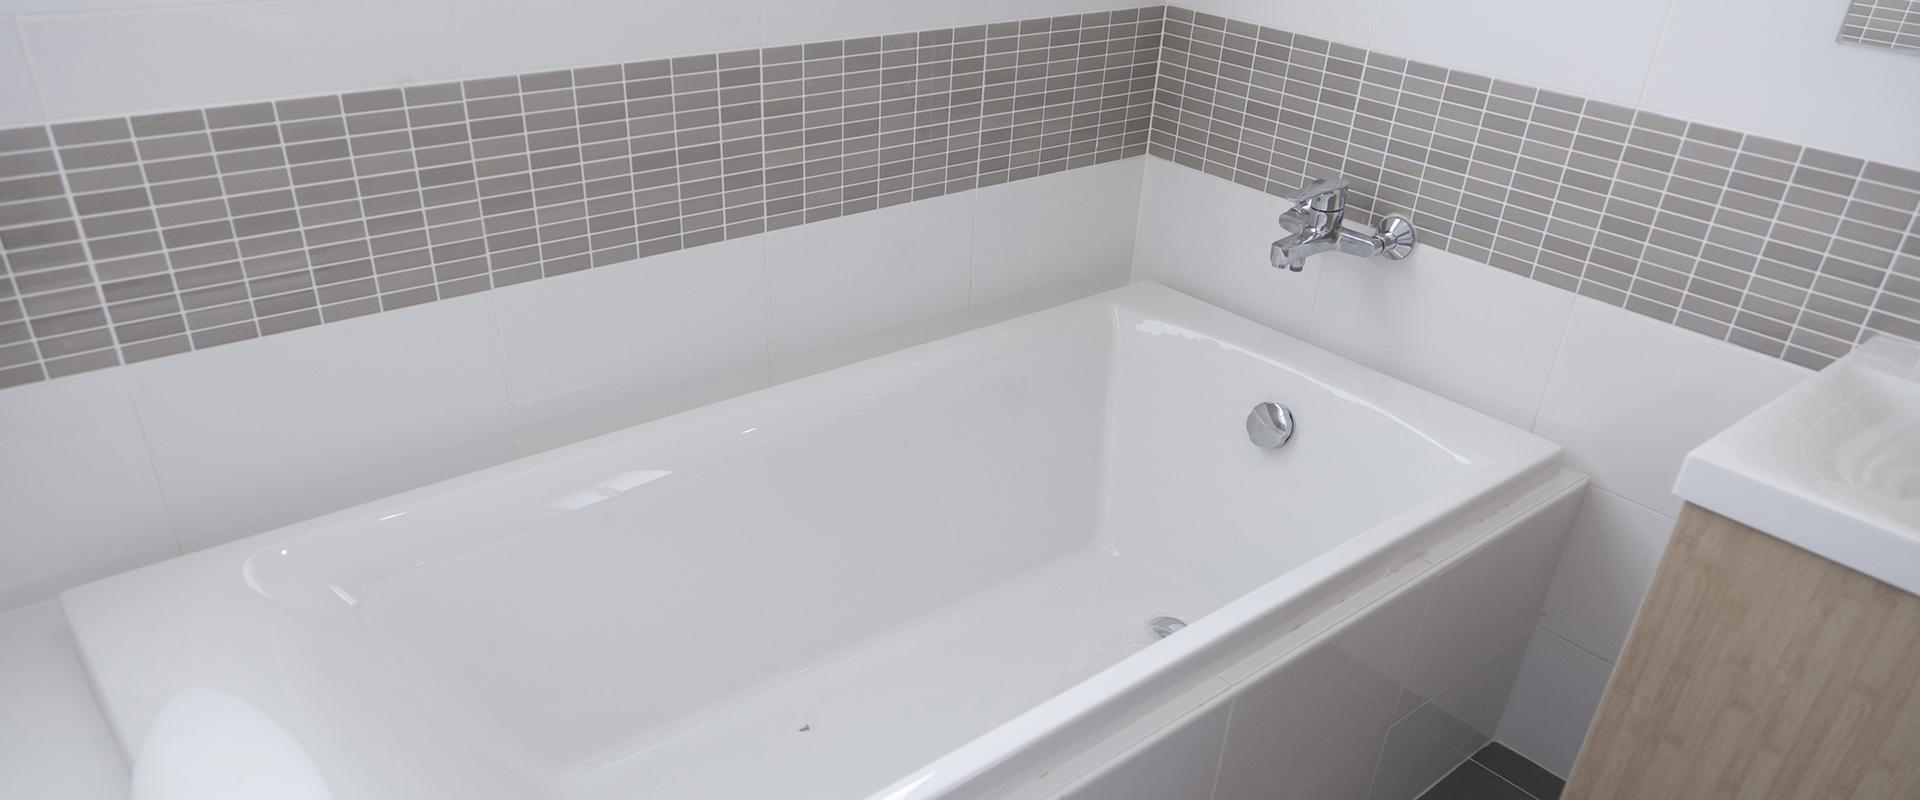 a white bath tub